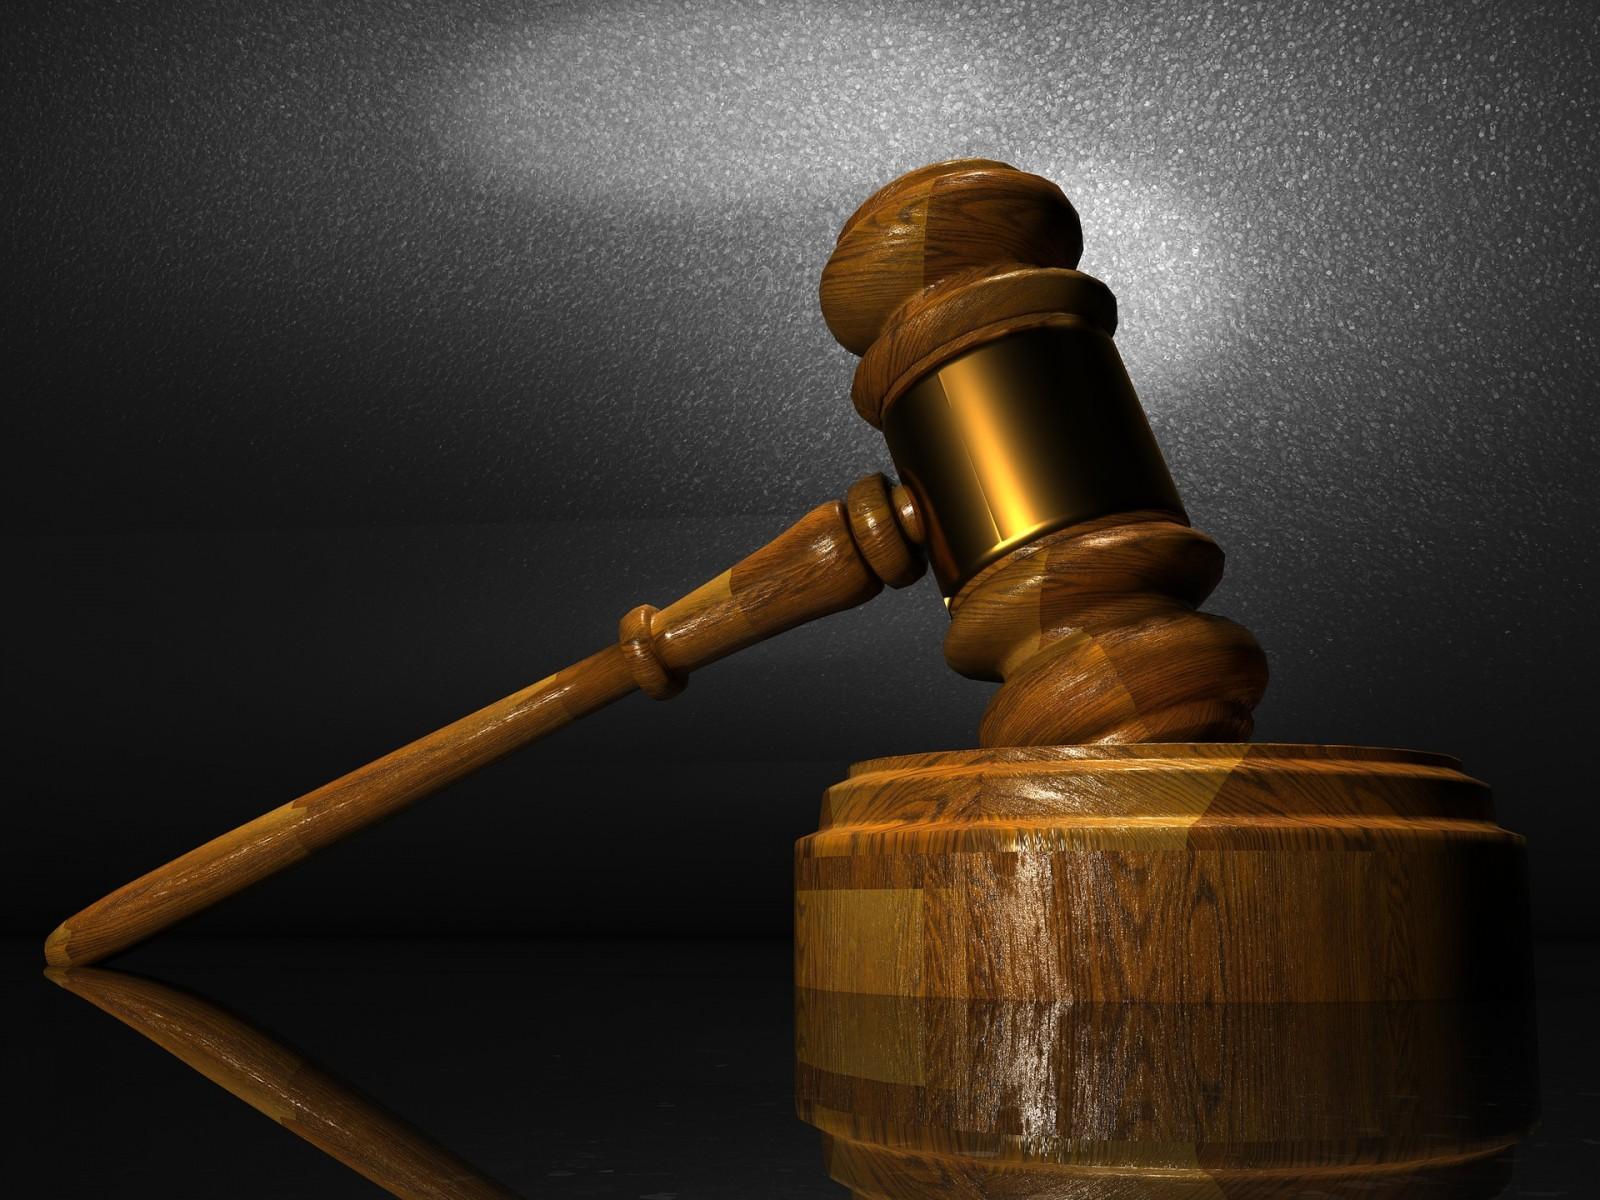 JAVNI POZIV ZA PODNOŠENJE PRIJAVA KANDIDATA ZA PRIJEDLOG  ZA IMENOVANJE  SUDACA POROTNIKA ZA MLADEŽ ŽUPANIJSKOG SUDA U DUBROVNIKU